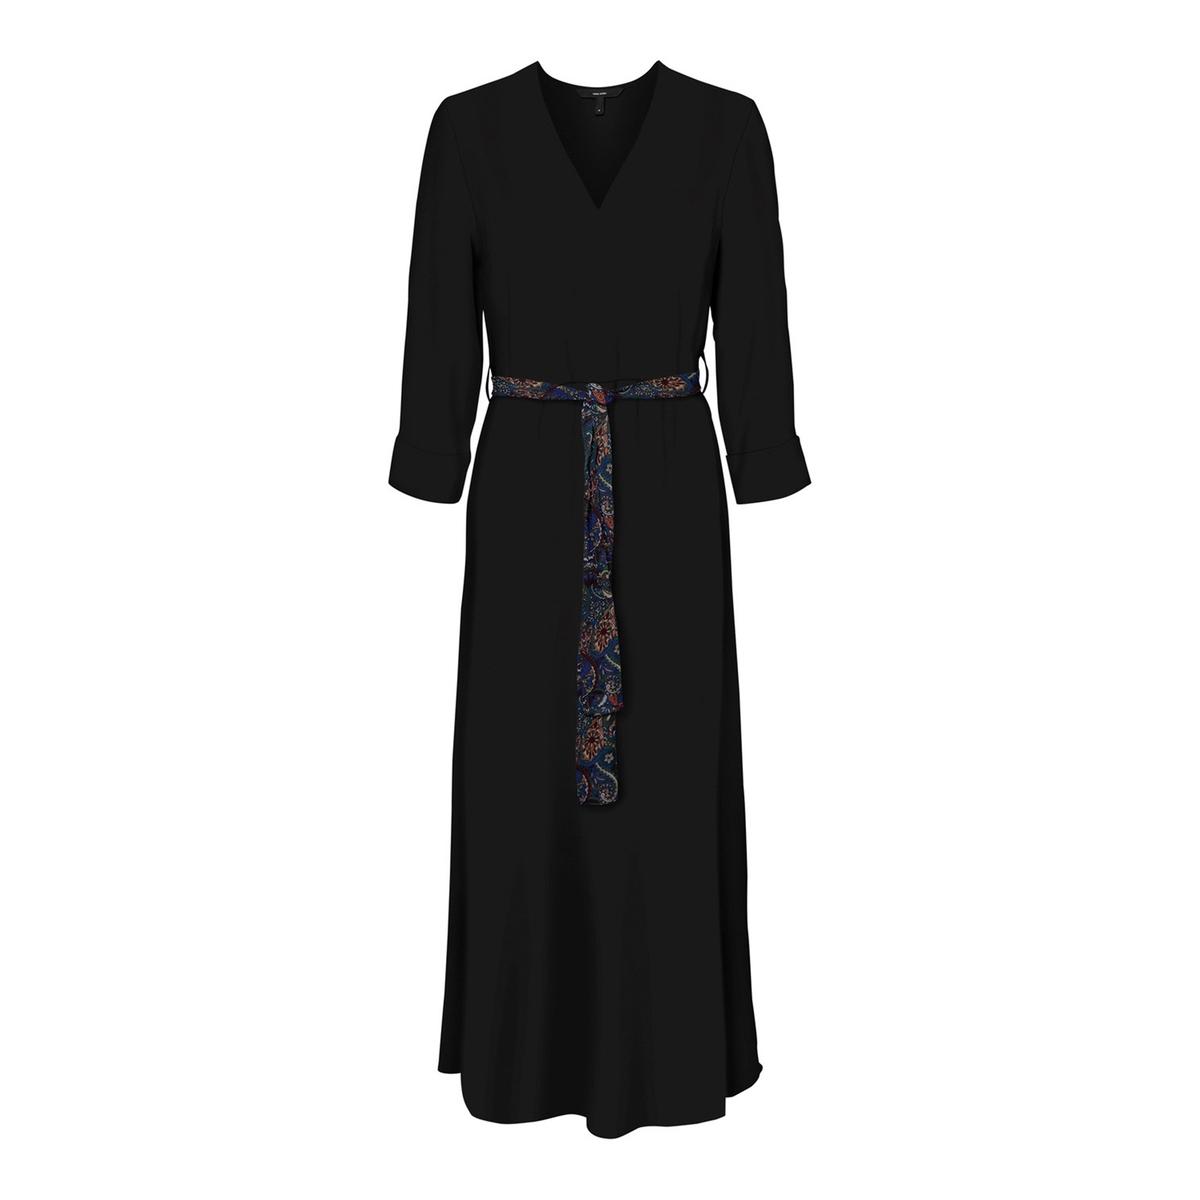 Платье La Redoute Длинное с запахом и кашемировым принтом S черный